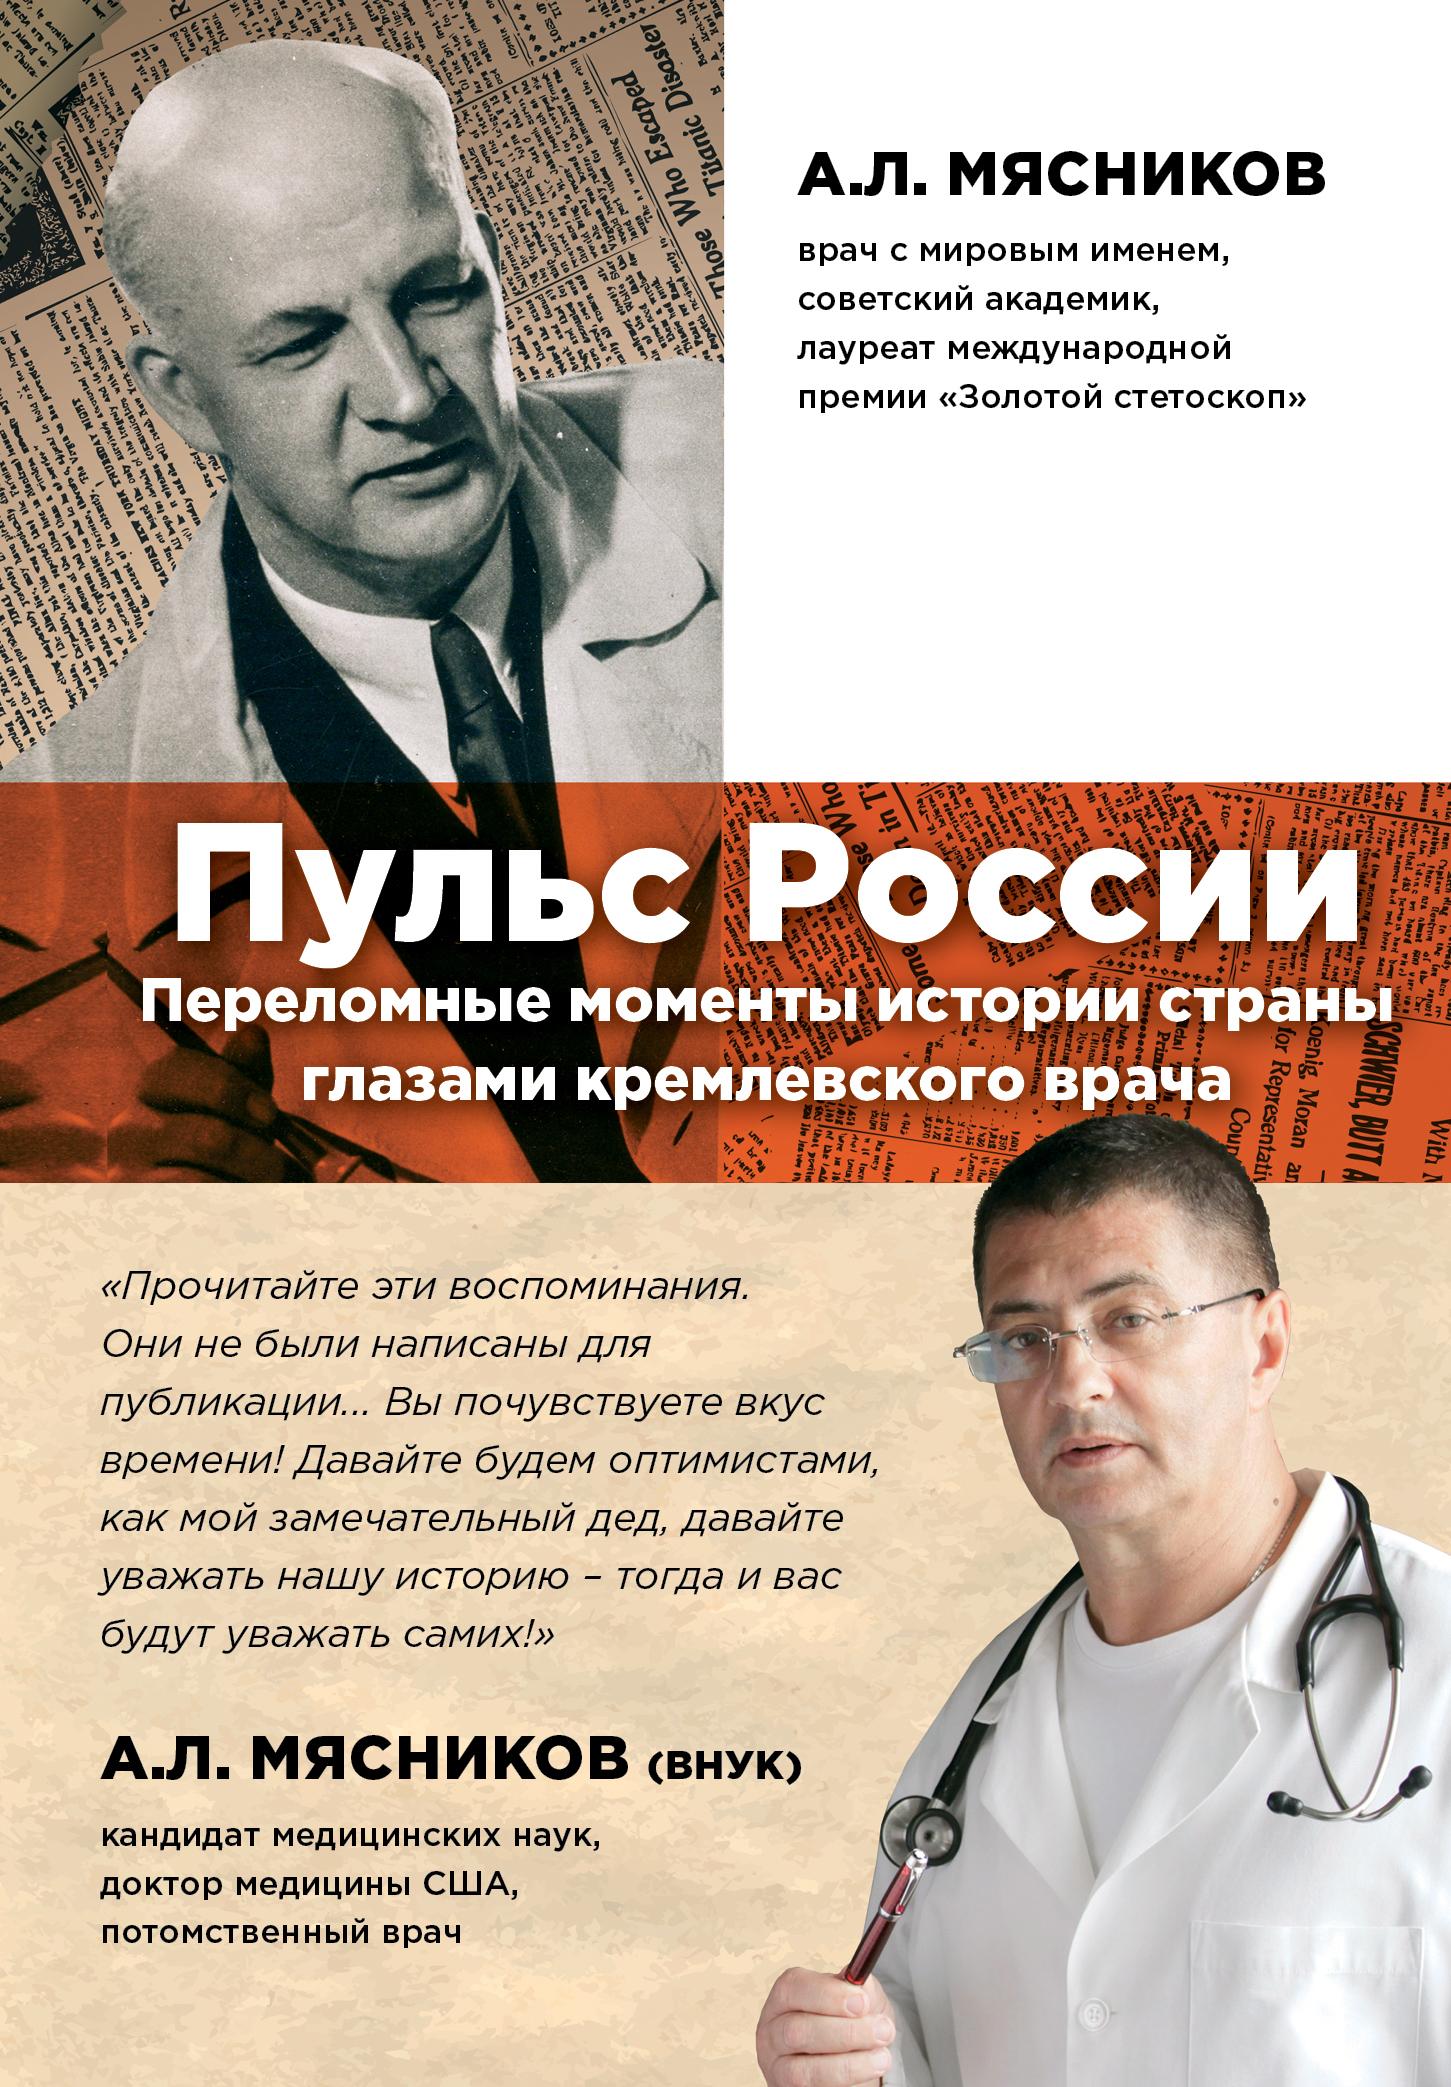 Пульс России: переломные моменты истории страны глазами кремлевского врача